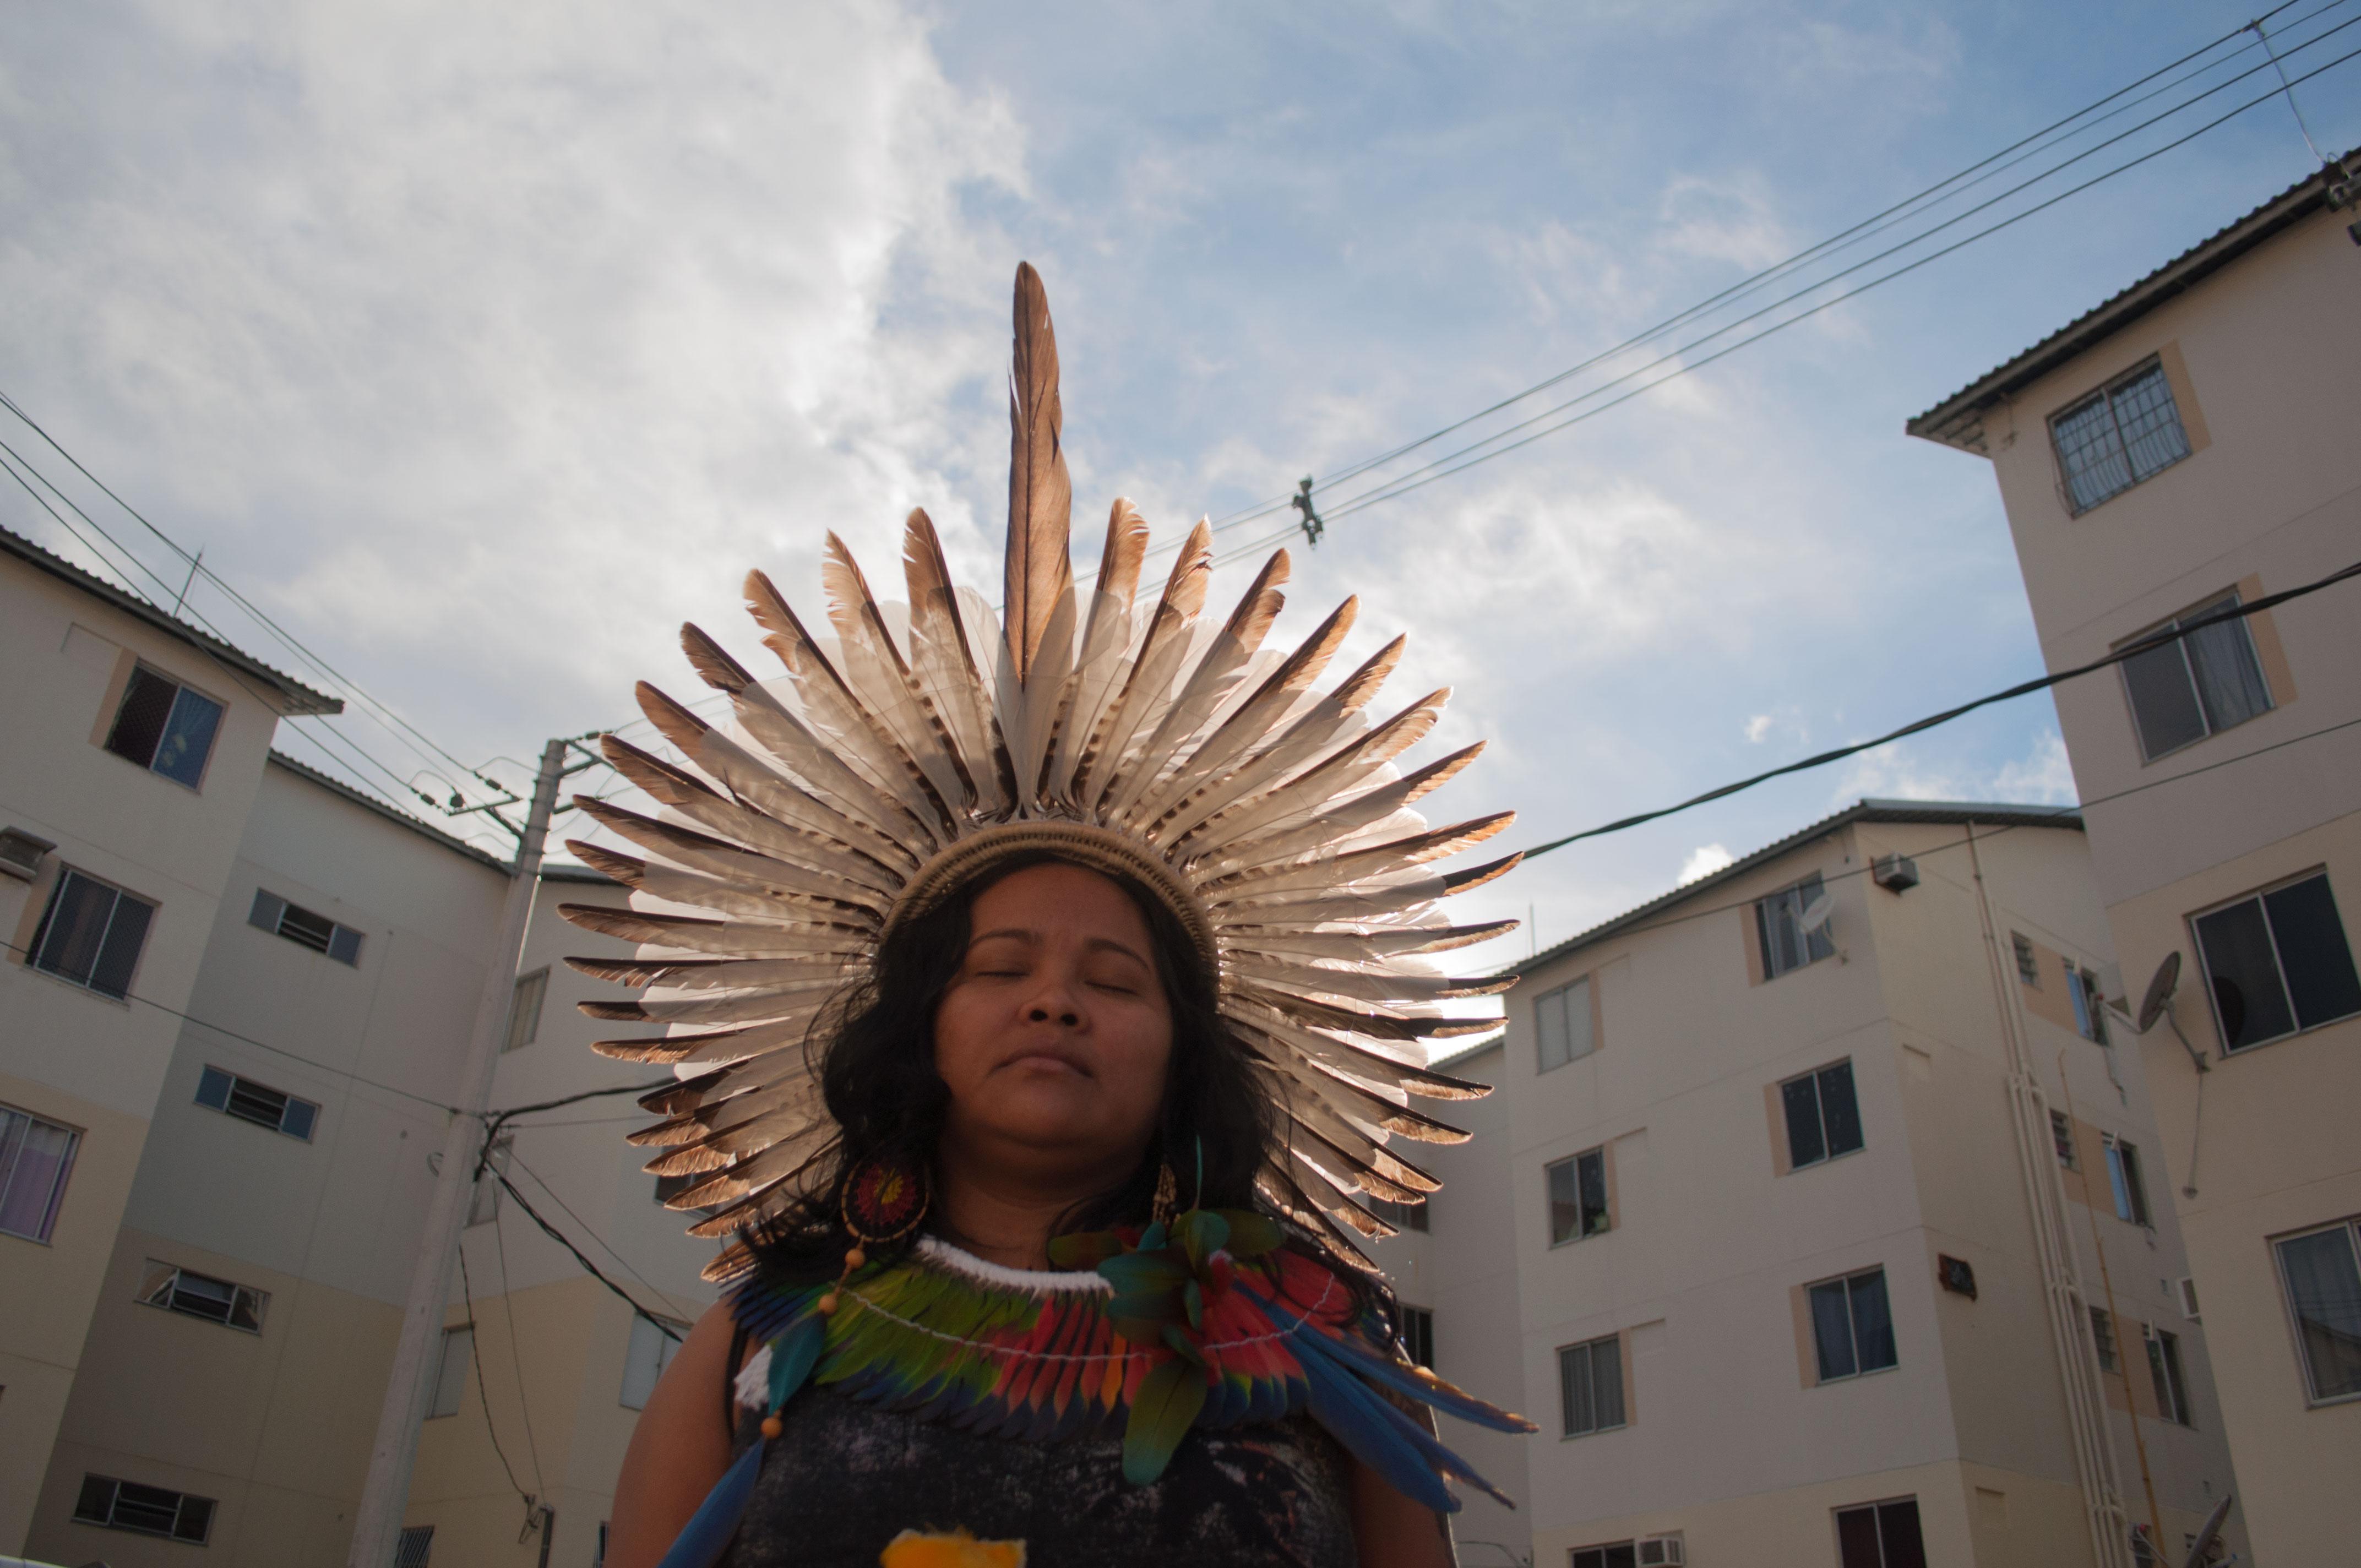 Mulher indígena com cocar sob o sol. Atrás dela, um prédio